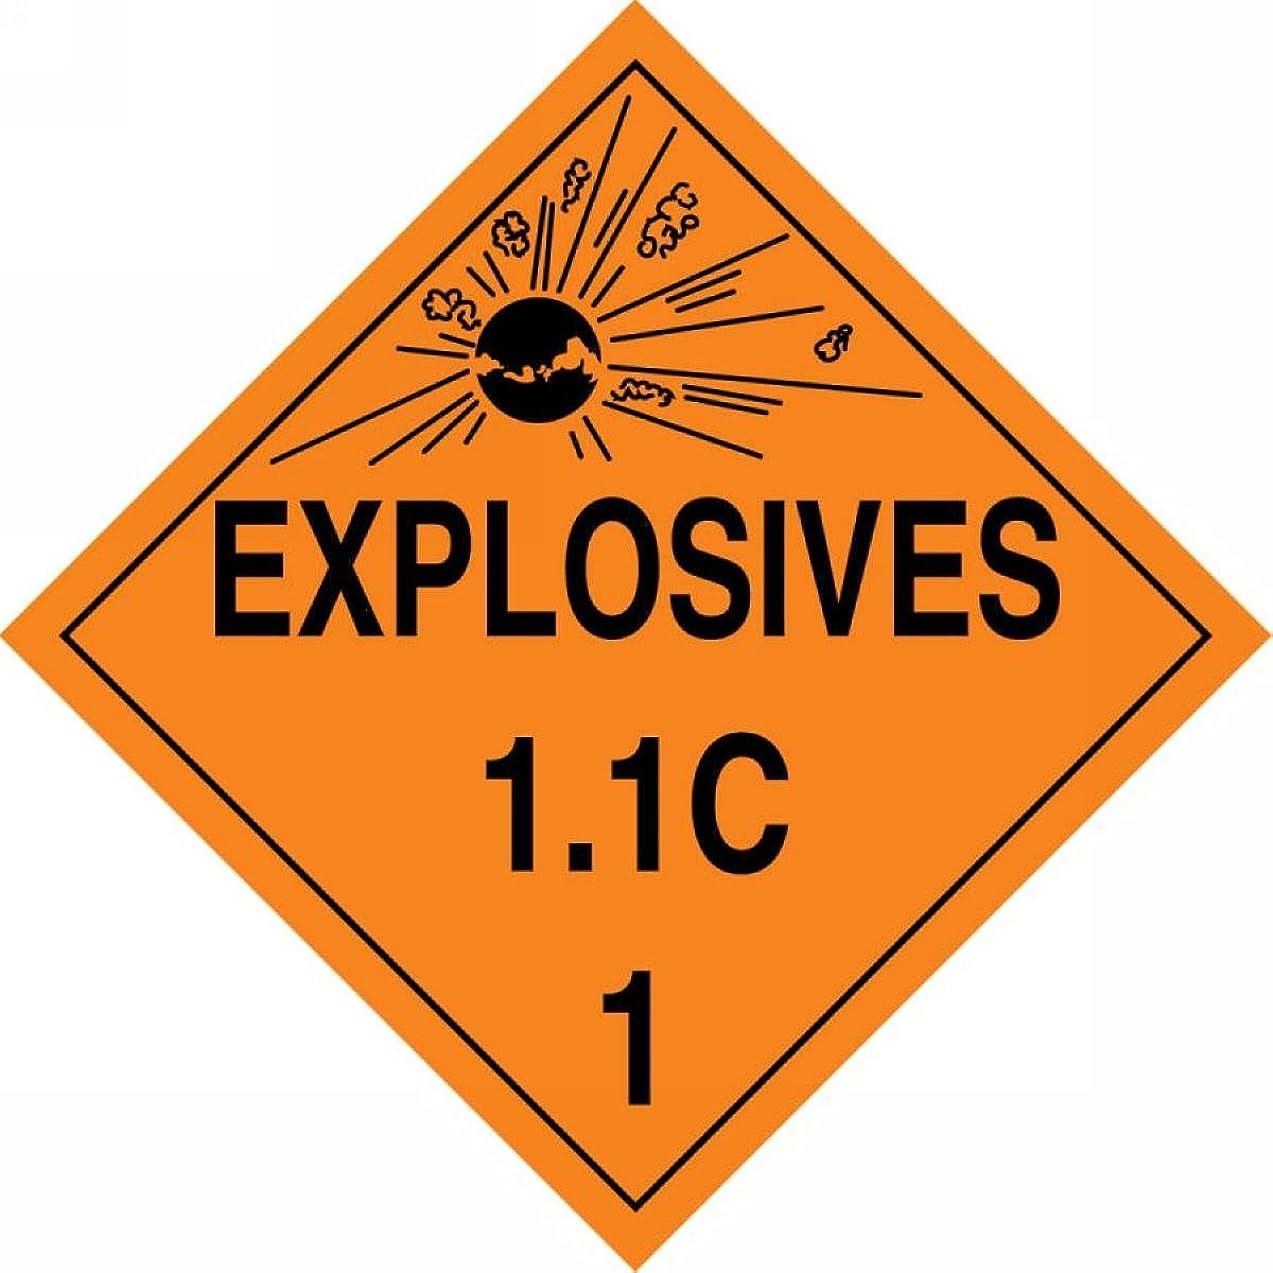 Accuform MPL13VP10 Plastic Hazard Class 1/Division 1C DOT Placard, Legend